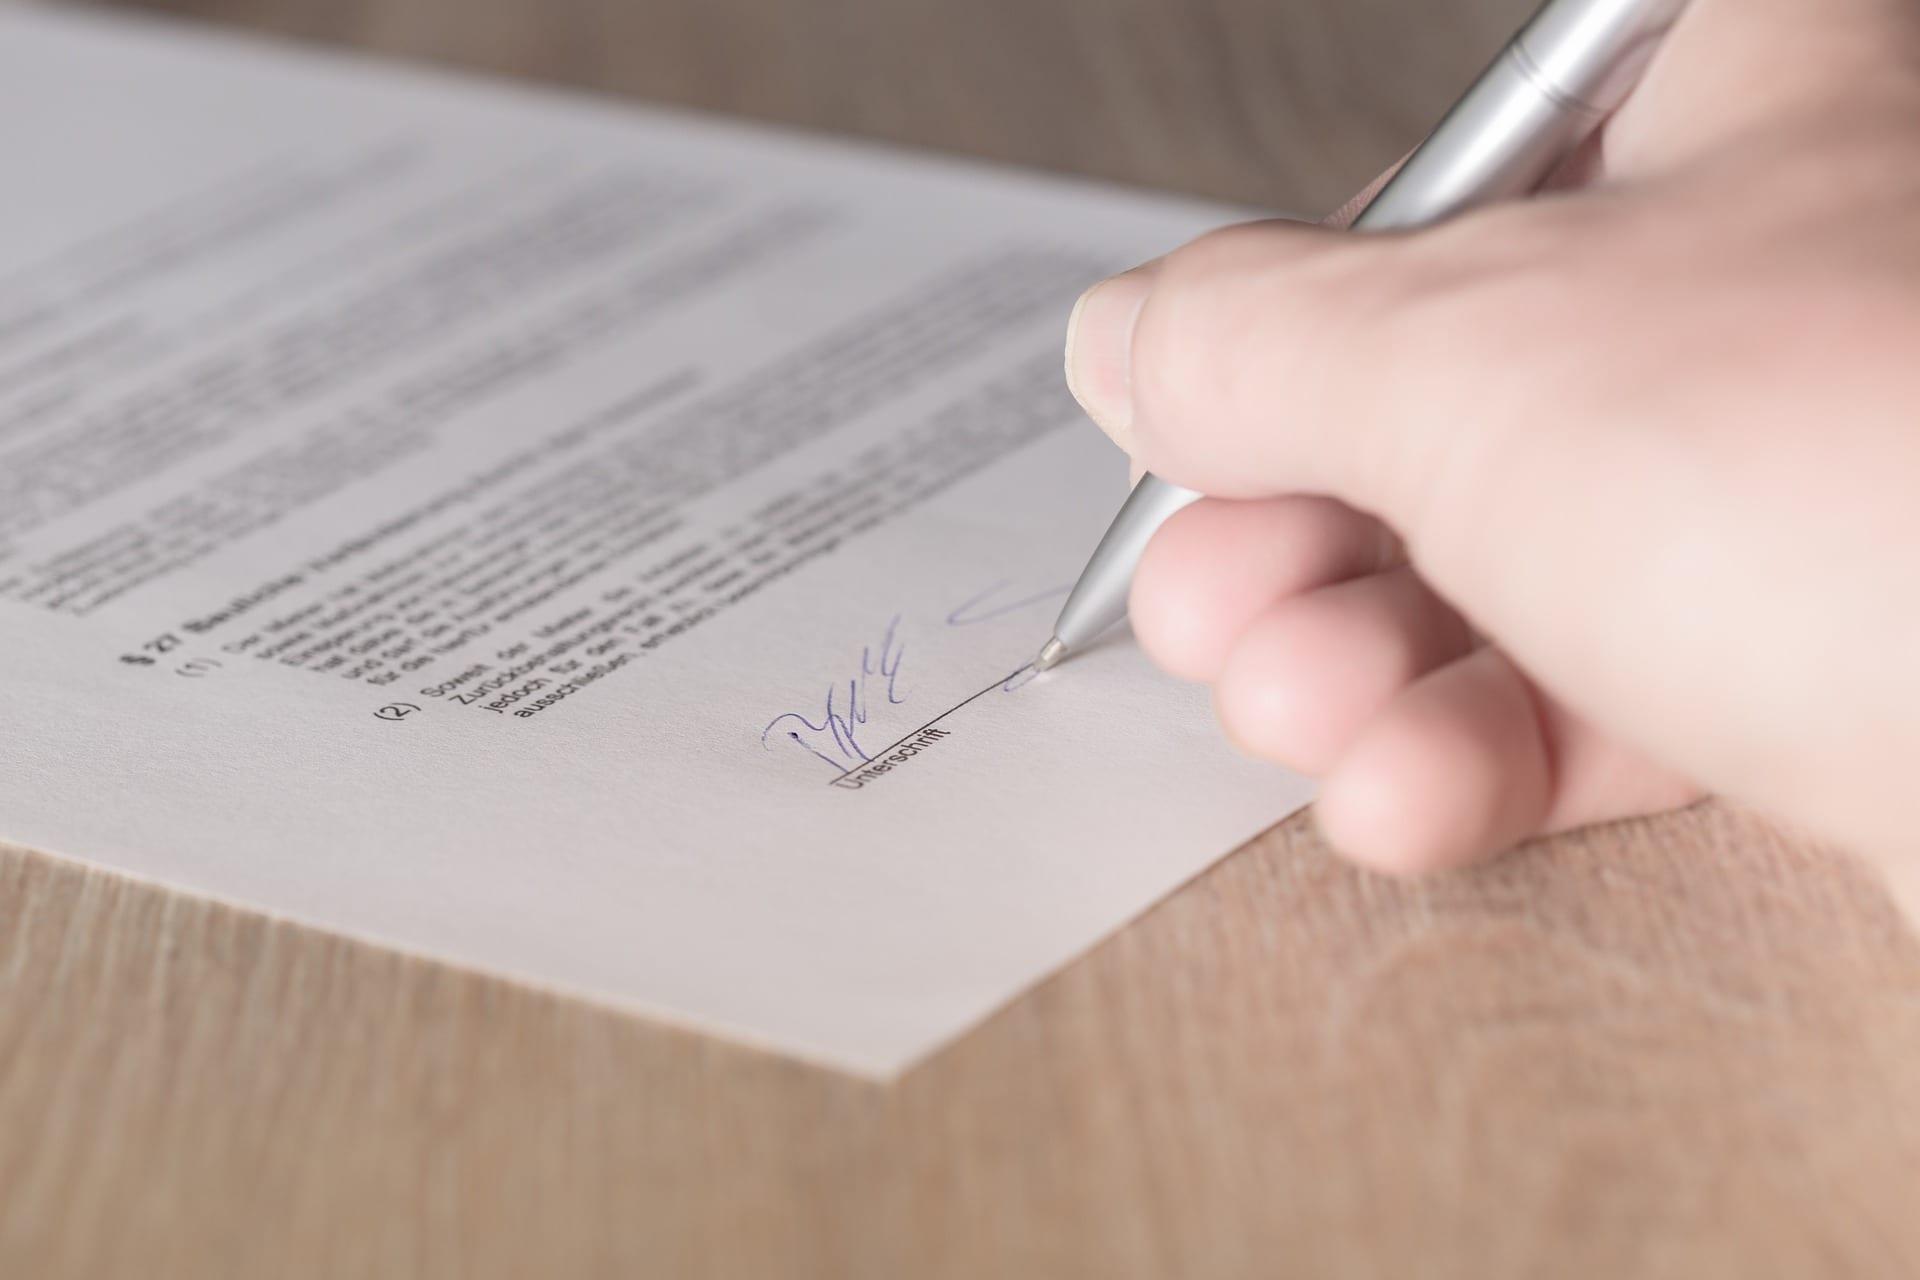 Acte de propriété : ce qu'il faut savoir lors de l'achat